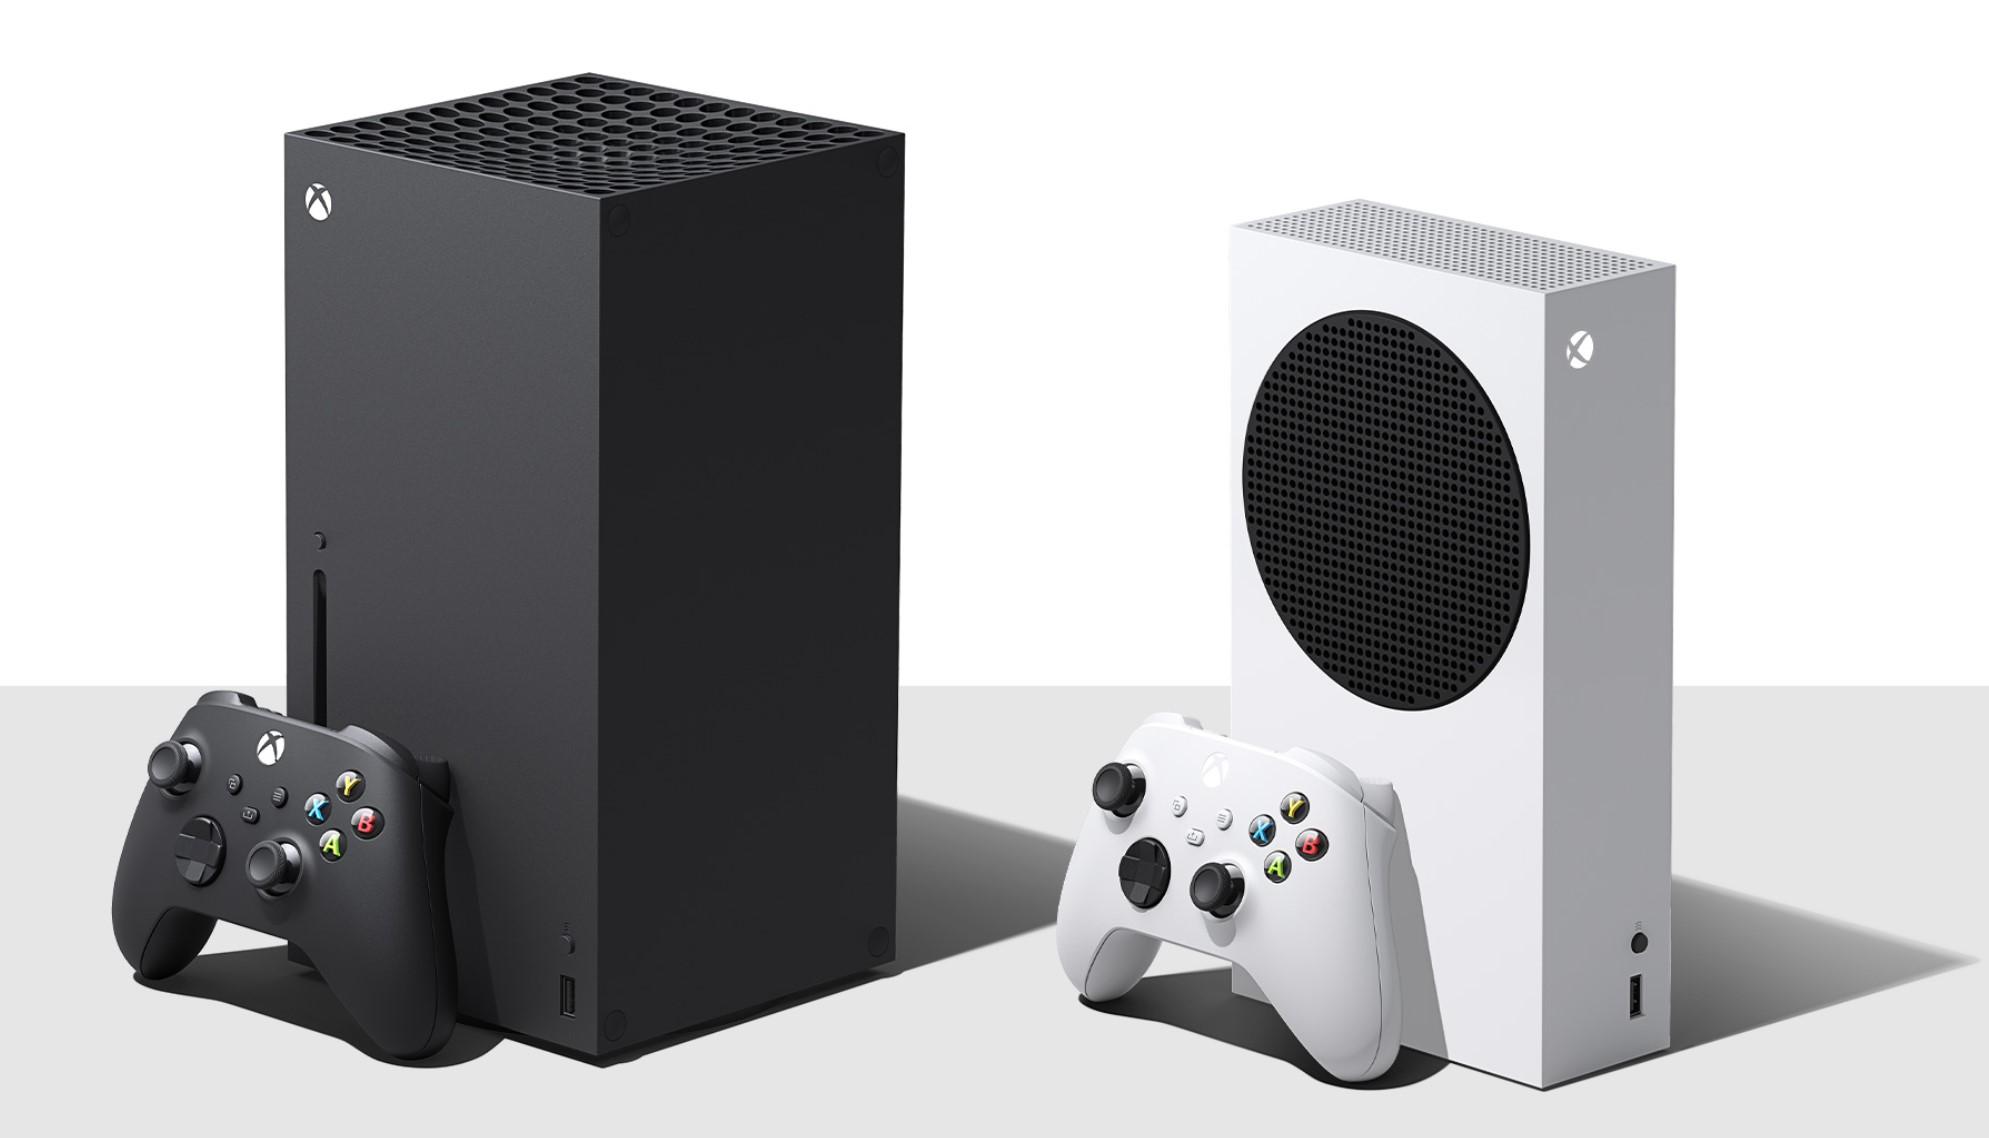 Który nowy Xbox będzie lepiej pasował do Twojego mieszkania? Sprawdź - wystarczą nożyczki i klej! 17 Xbox